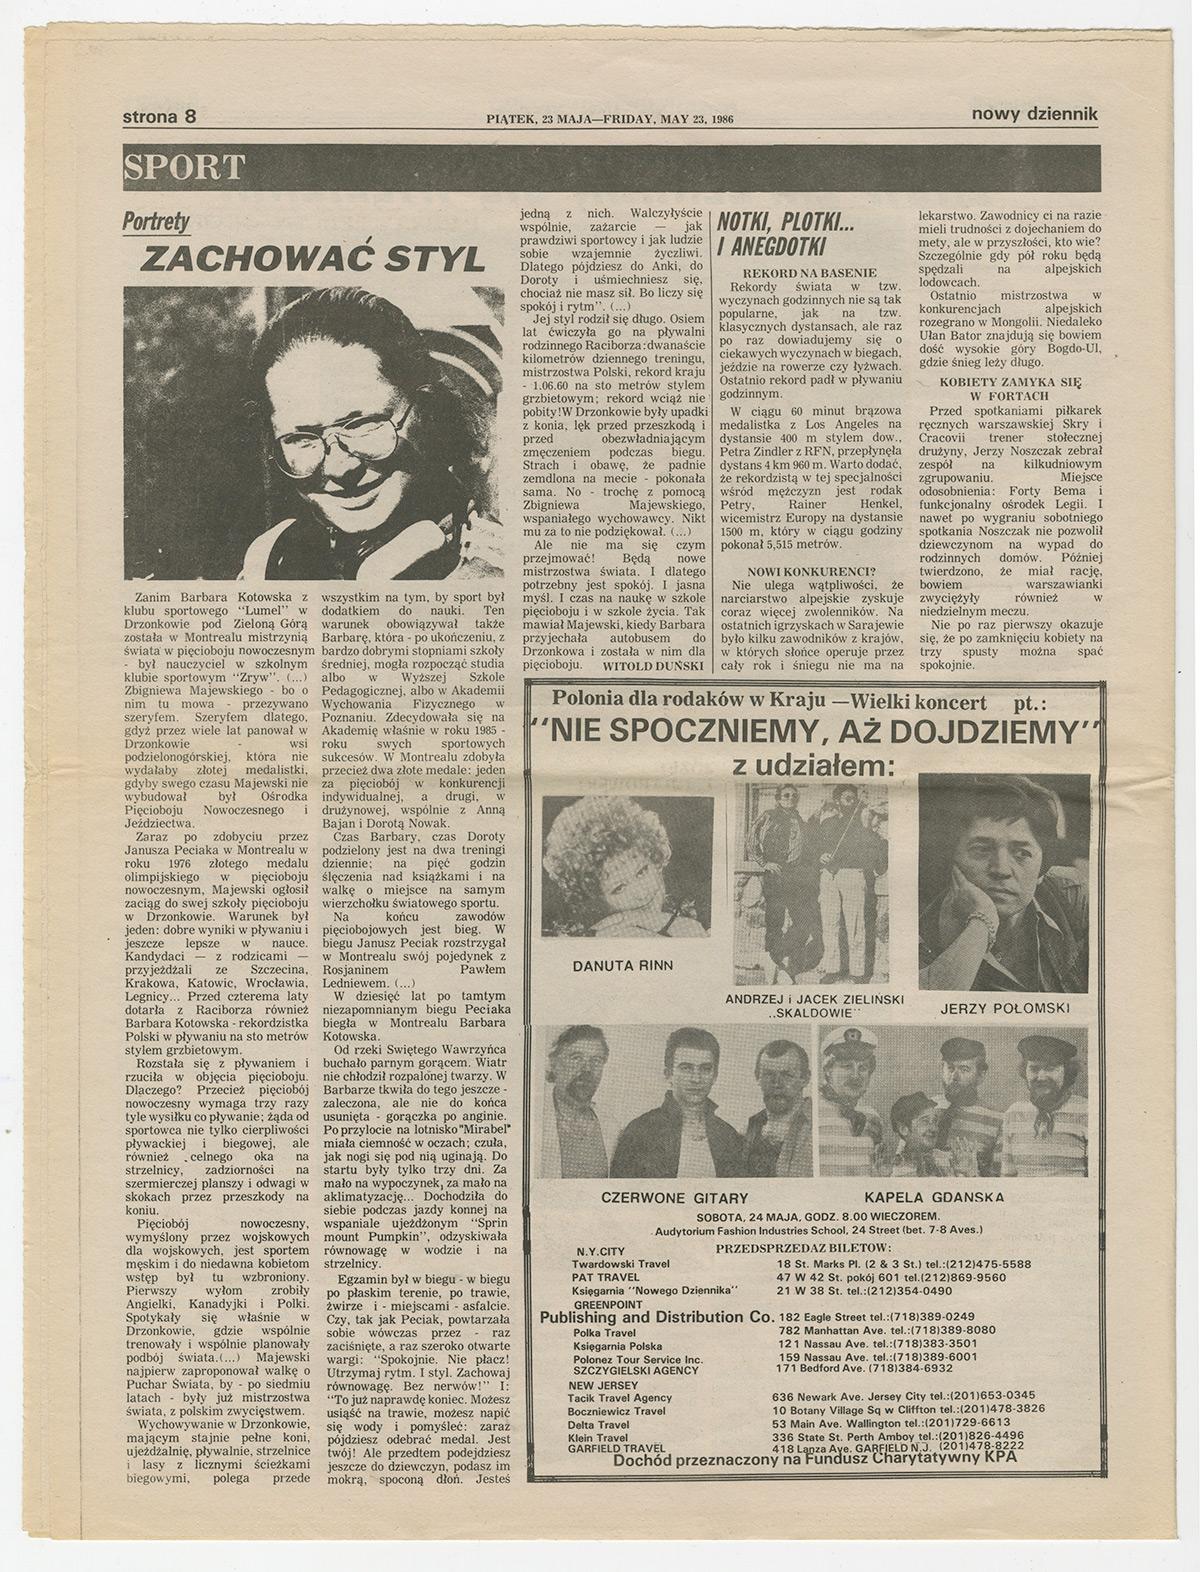 1979-1990_Nowy_Dziennik_1986_ostatni_koncert_sezonu_03